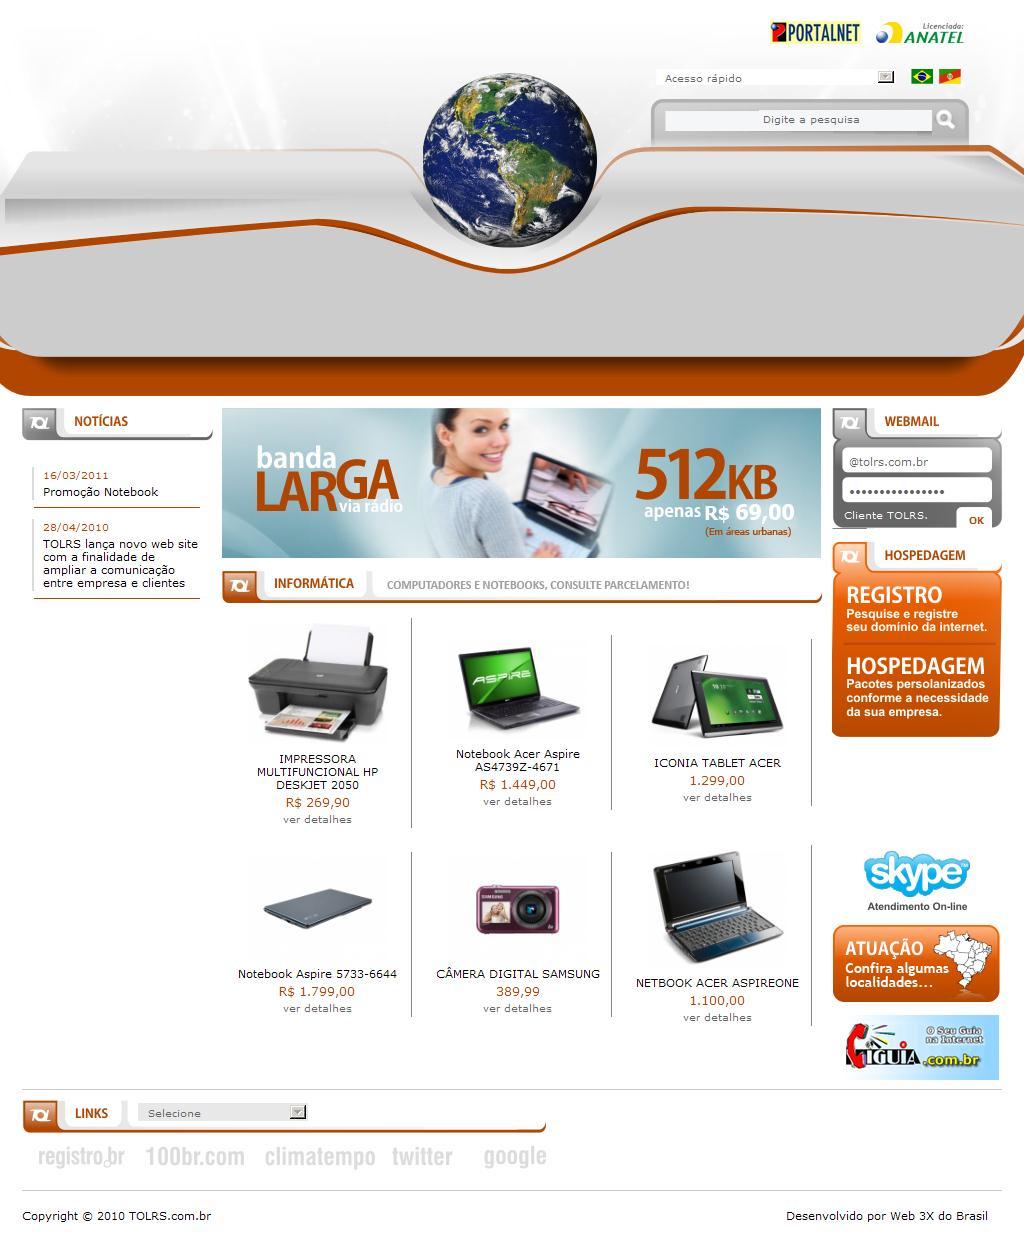 TOLRS Portal - Provedor de Internet Banda Larga Via Rádio para Campinas do Sul-RS em Região, Hospedagem de Web Sites, Registro de Domínios e Produtos de Informática